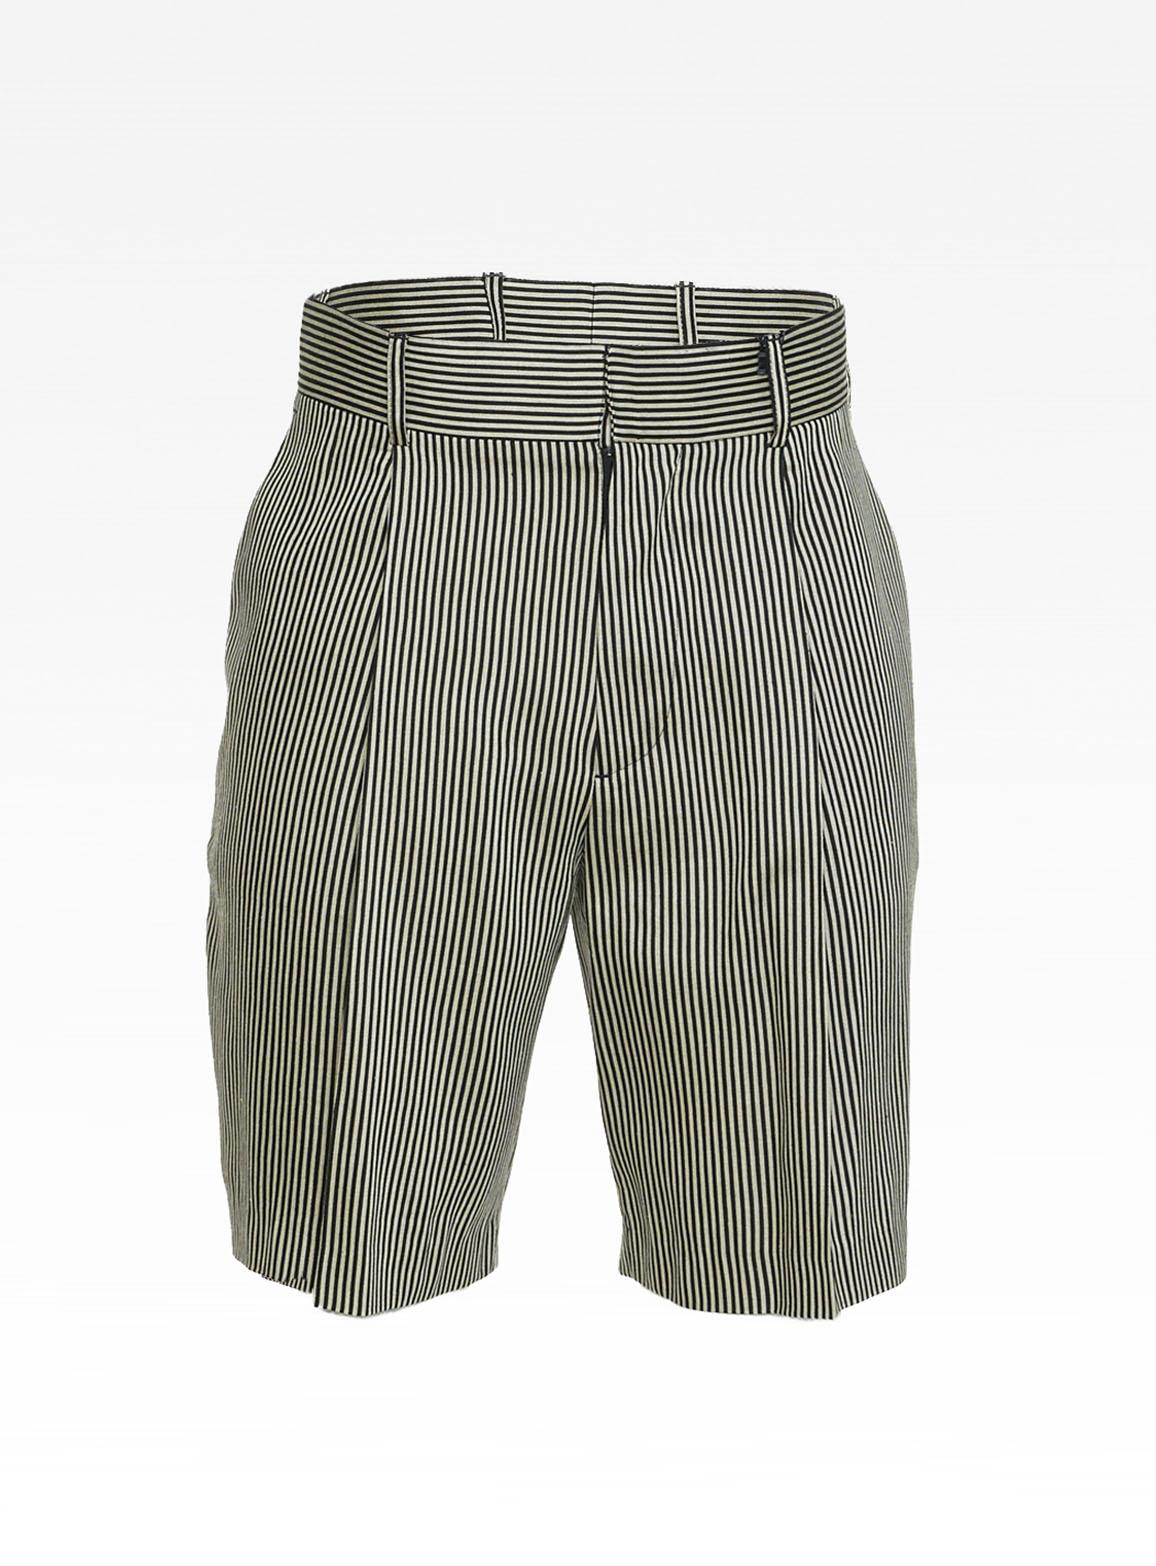 Hansel stripe linen black/beige short